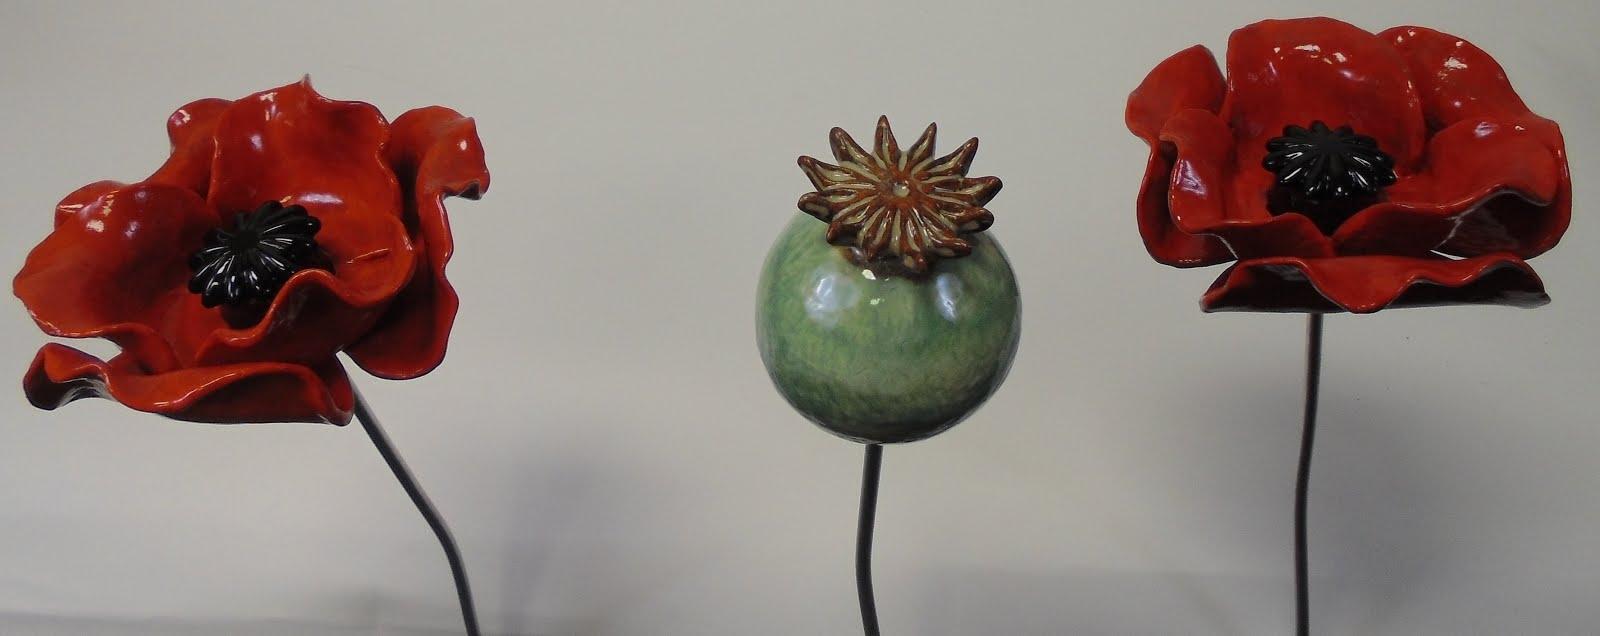 Poppy with Pod